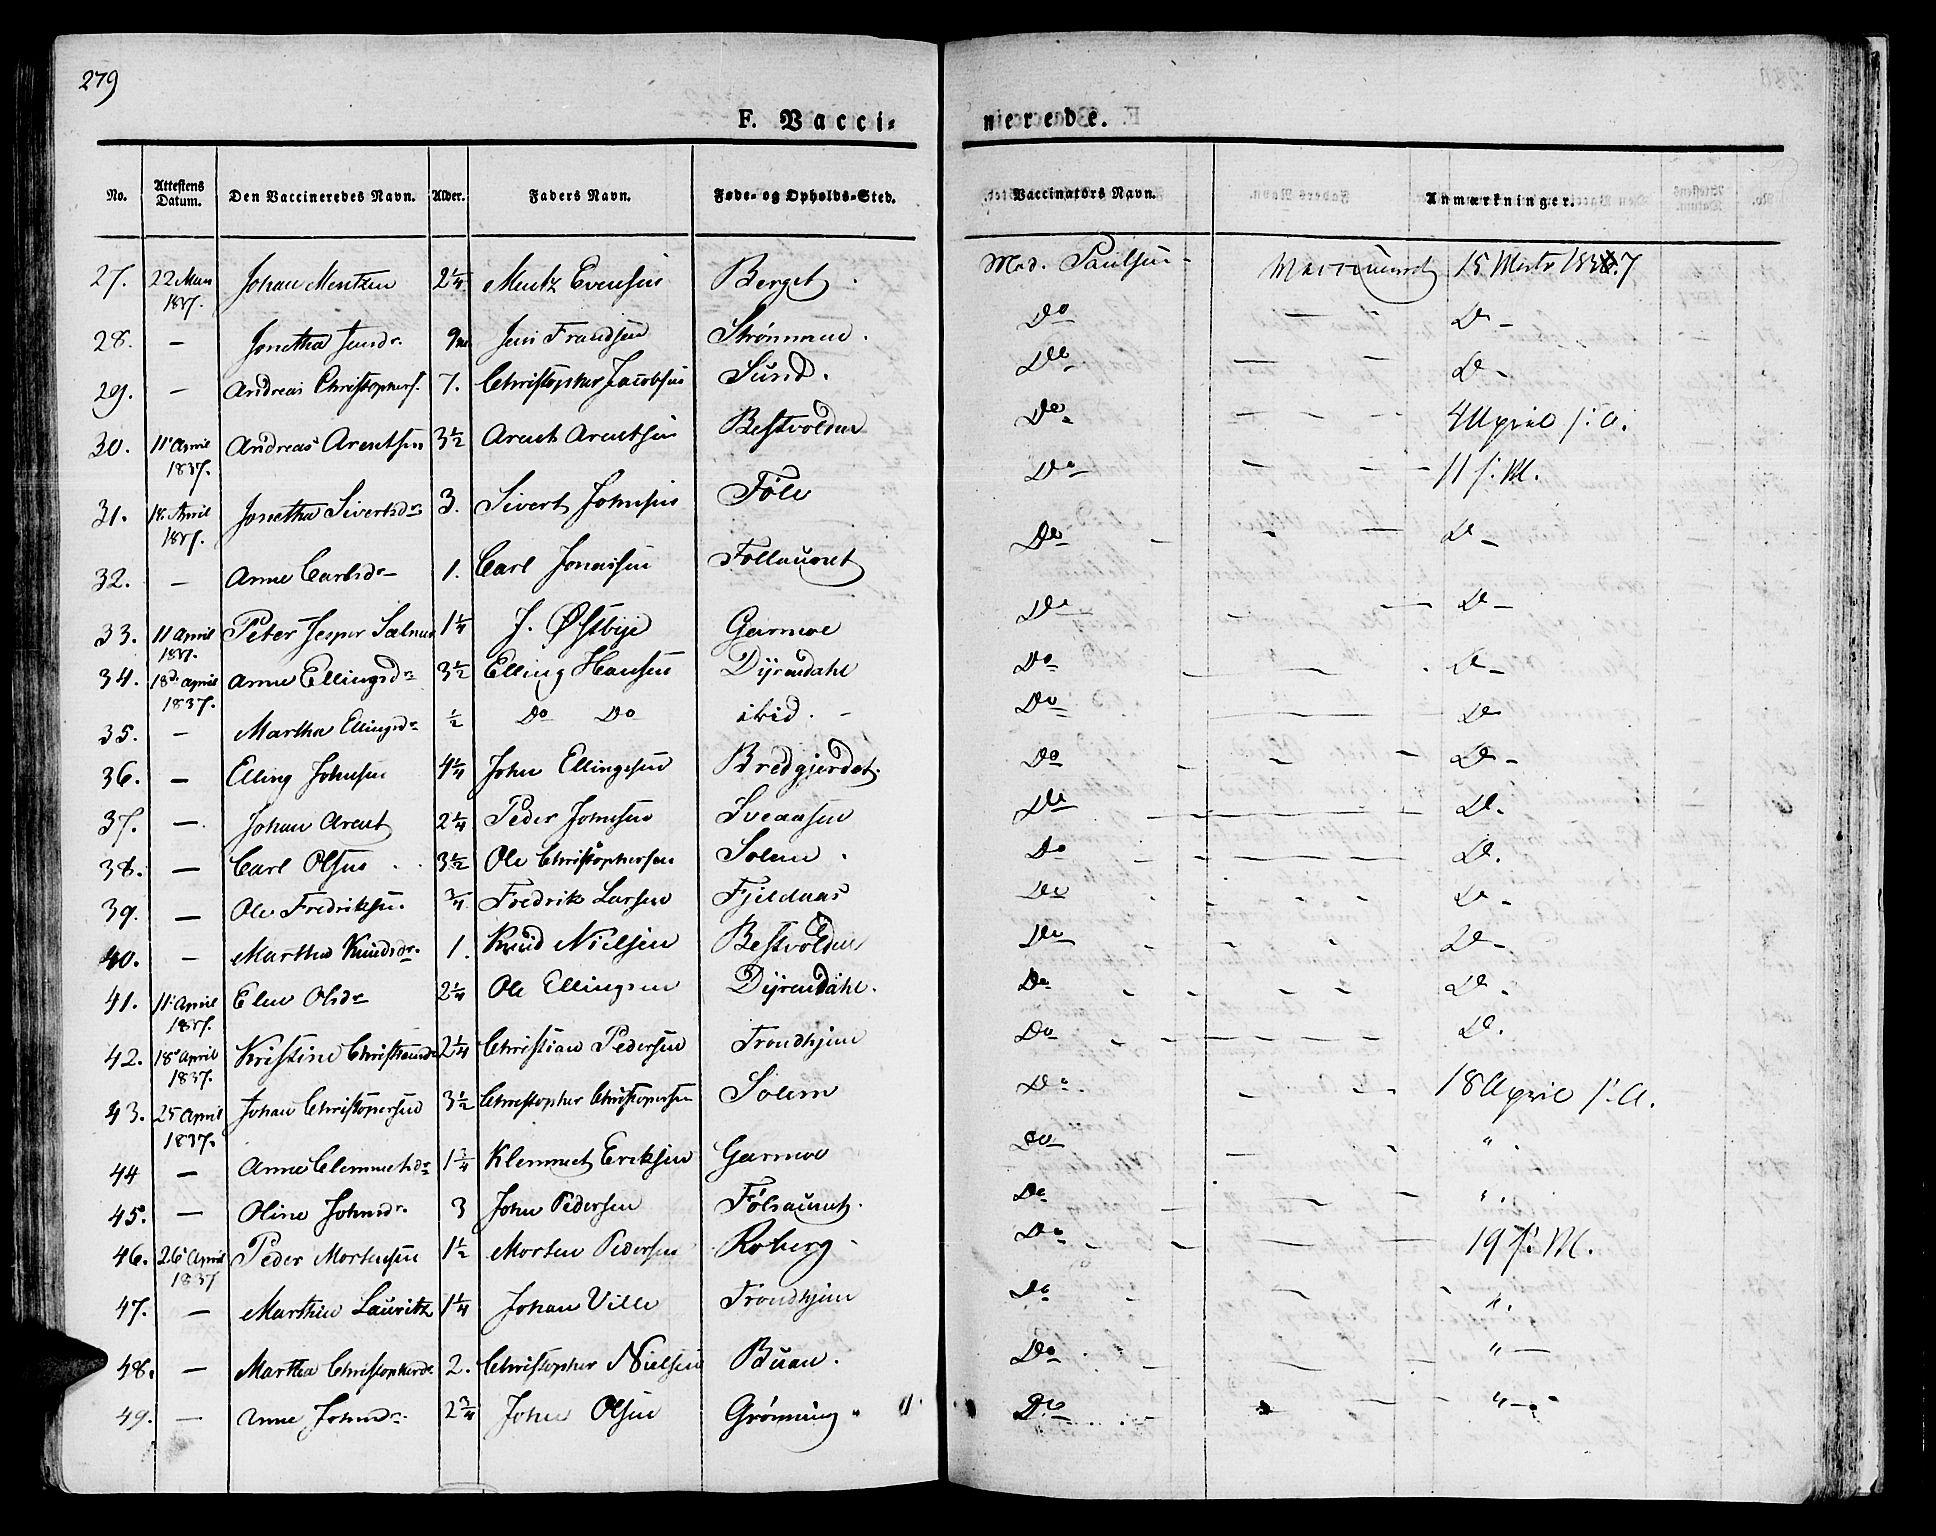 SAT, Ministerialprotokoller, klokkerbøker og fødselsregistre - Sør-Trøndelag, 646/L0609: Ministerialbok nr. 646A07, 1826-1838, s. 279